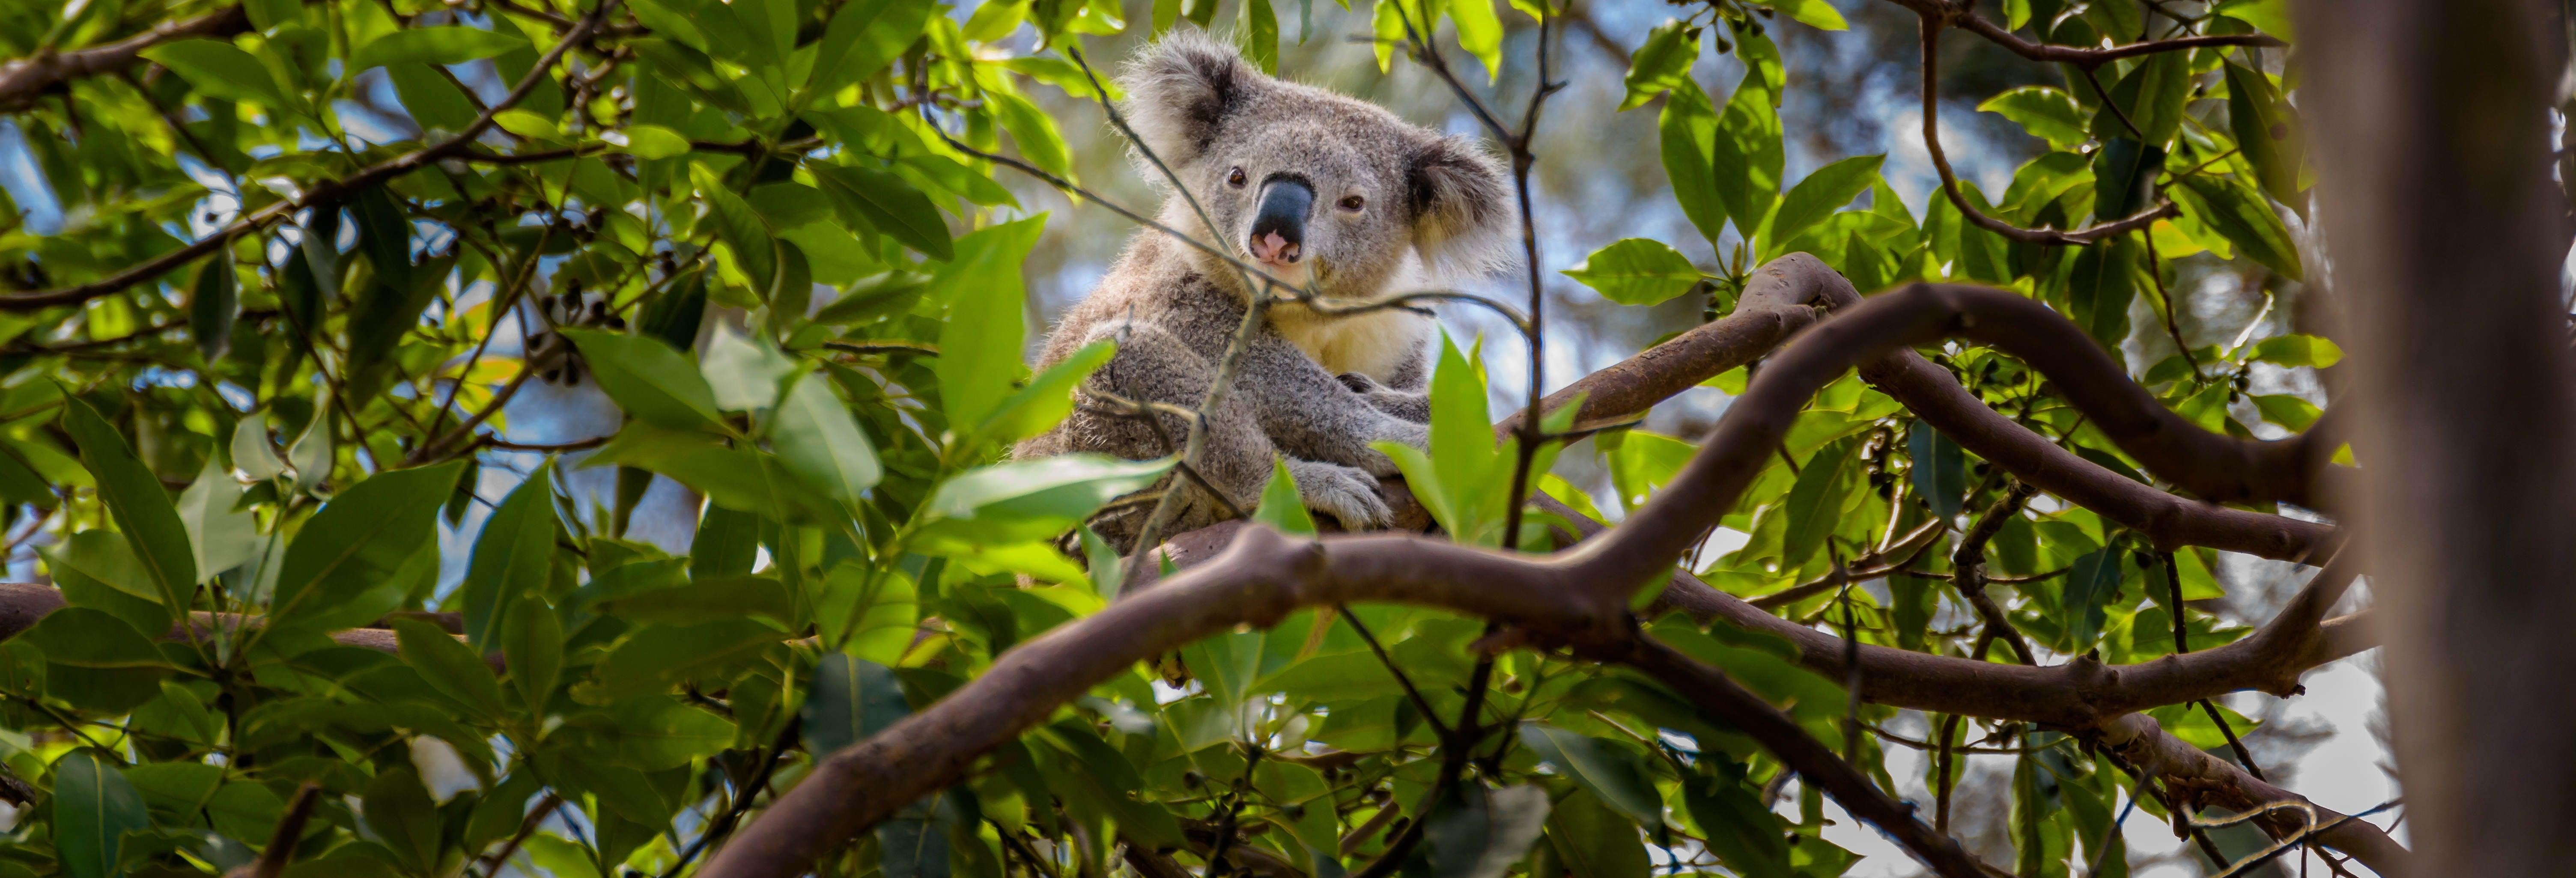 Escursione all'Australia Zoo